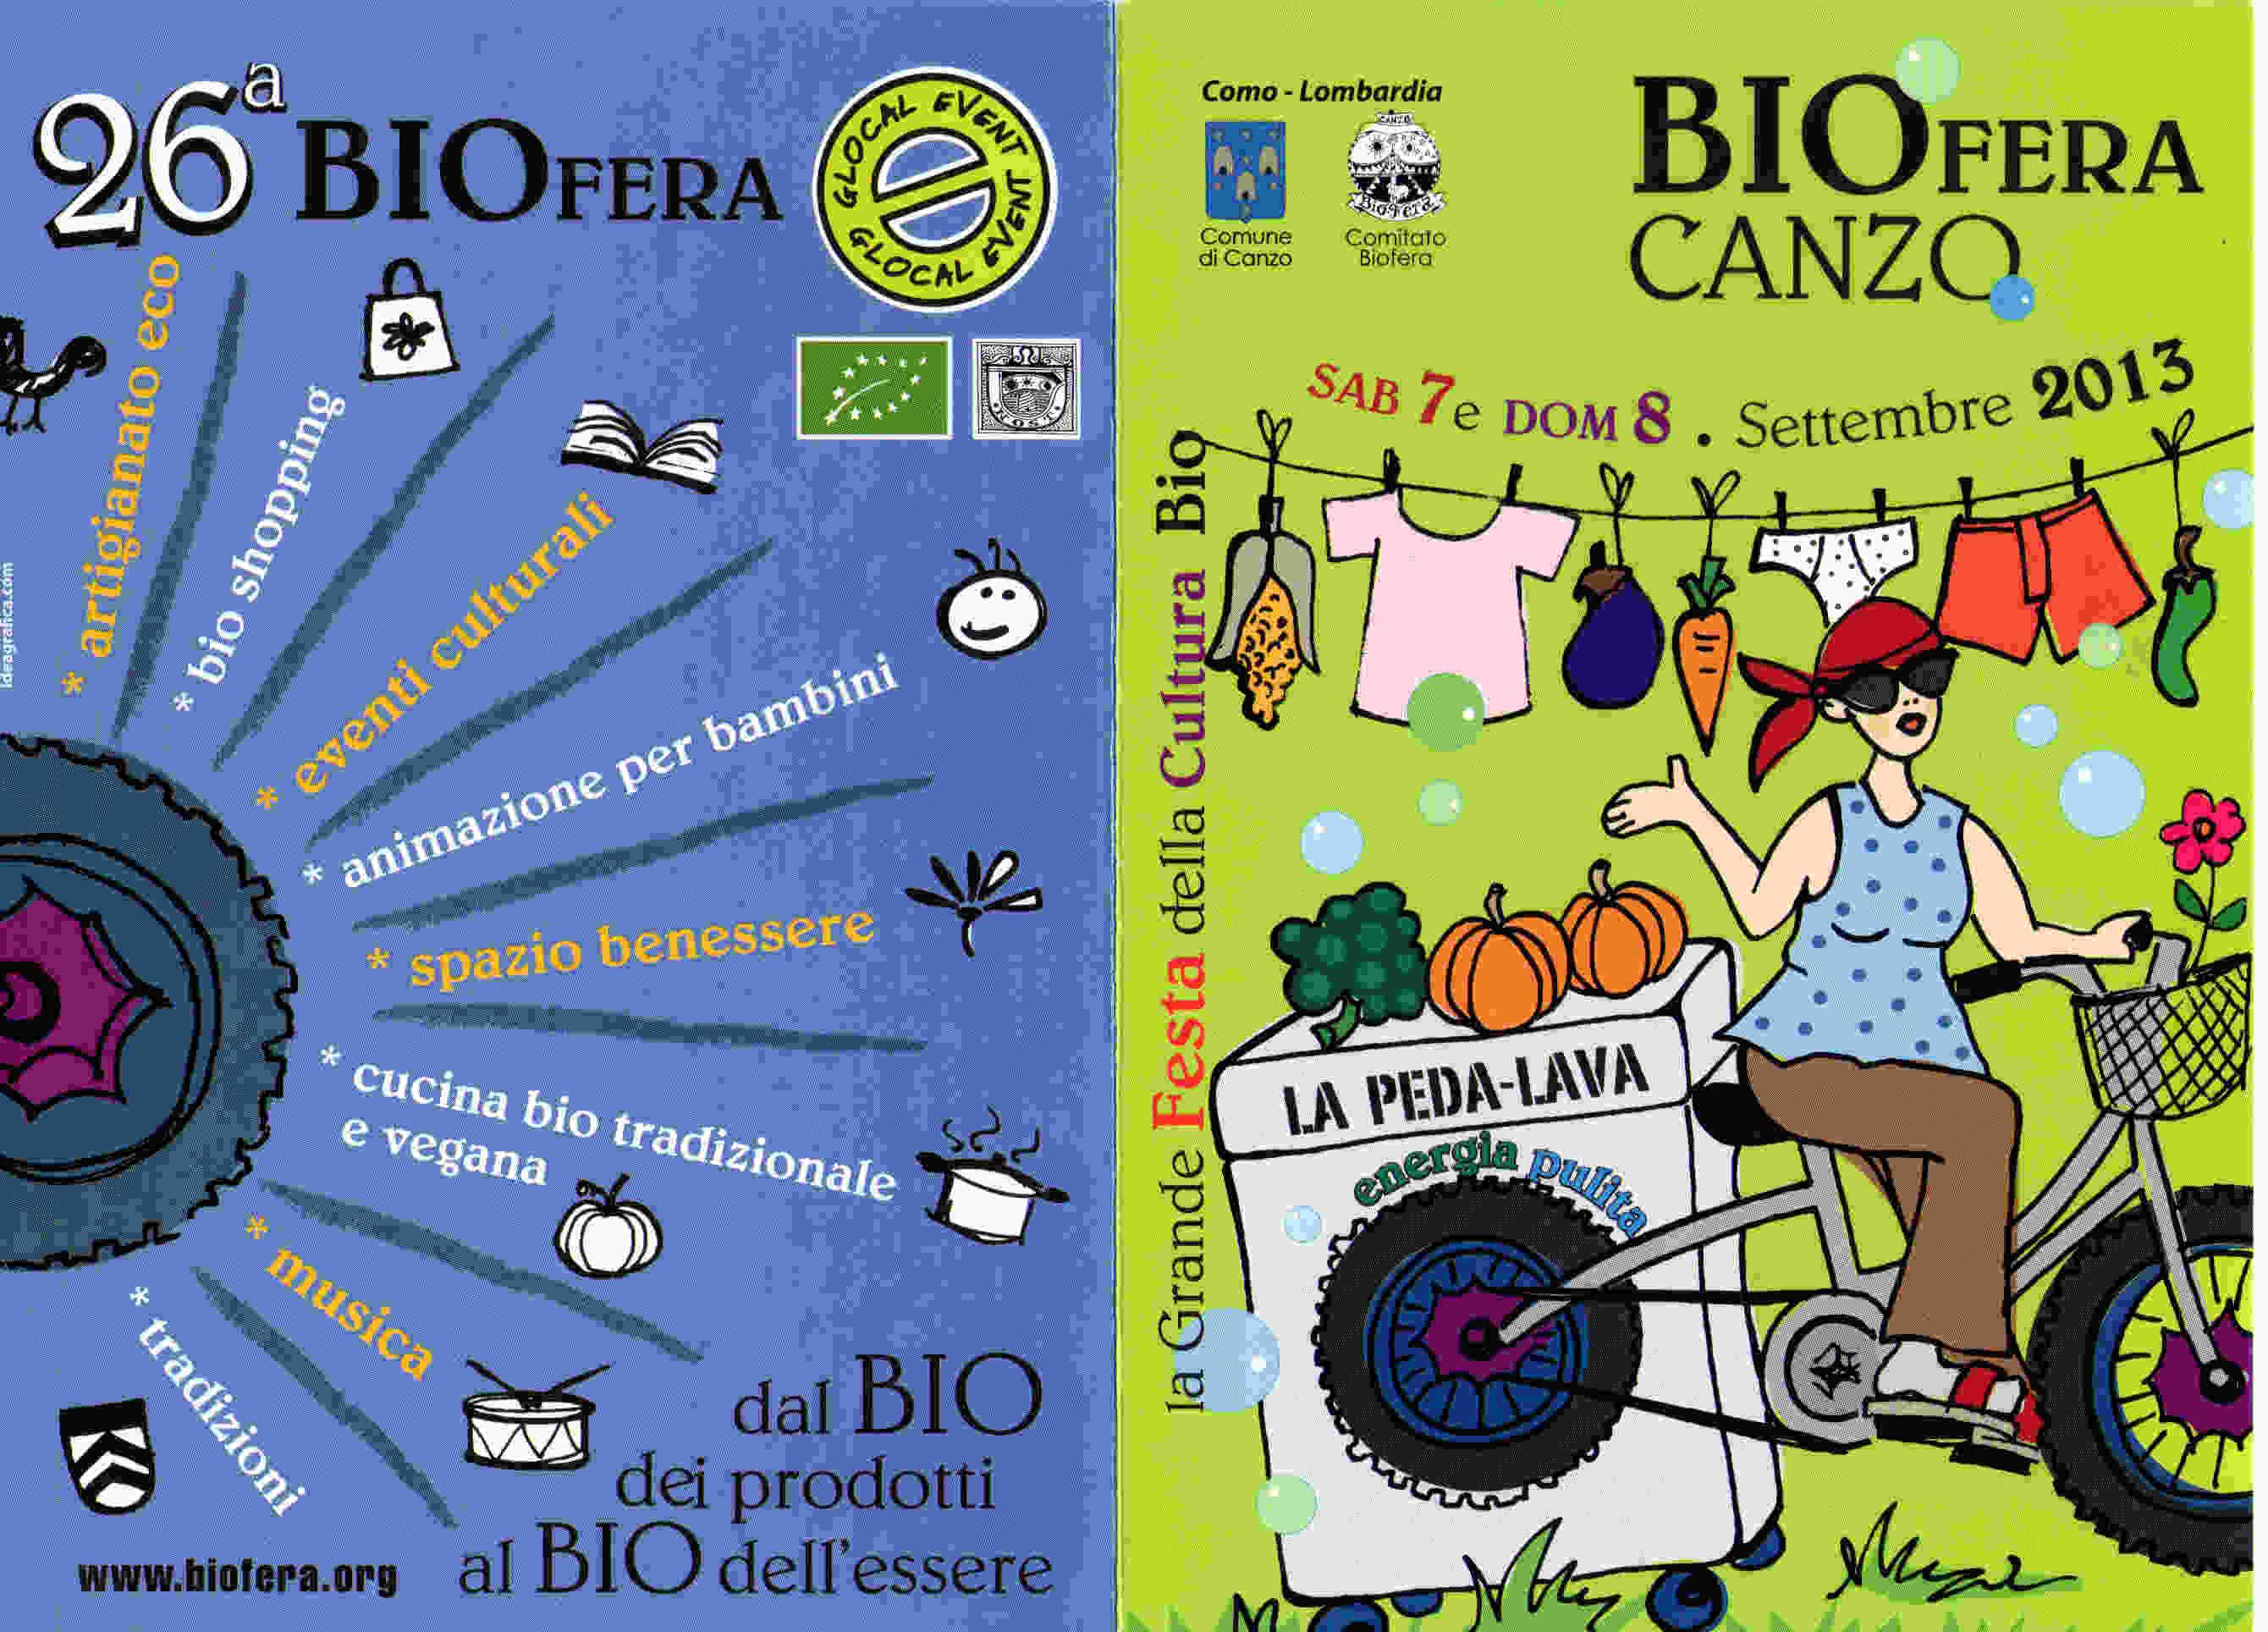 Biofera Canzo